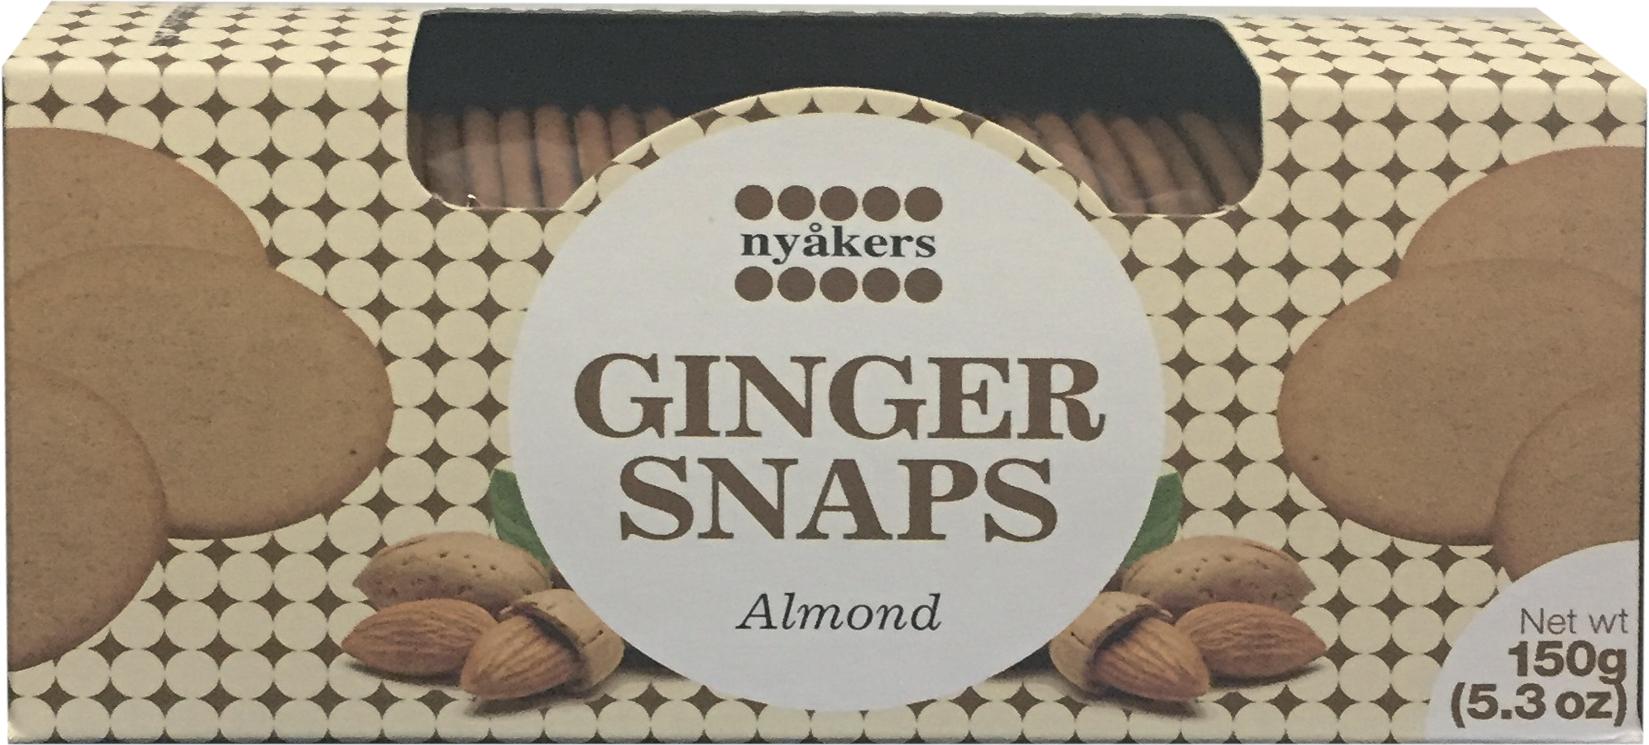 Печенье имбирное со вкусом миндаля Nyakers